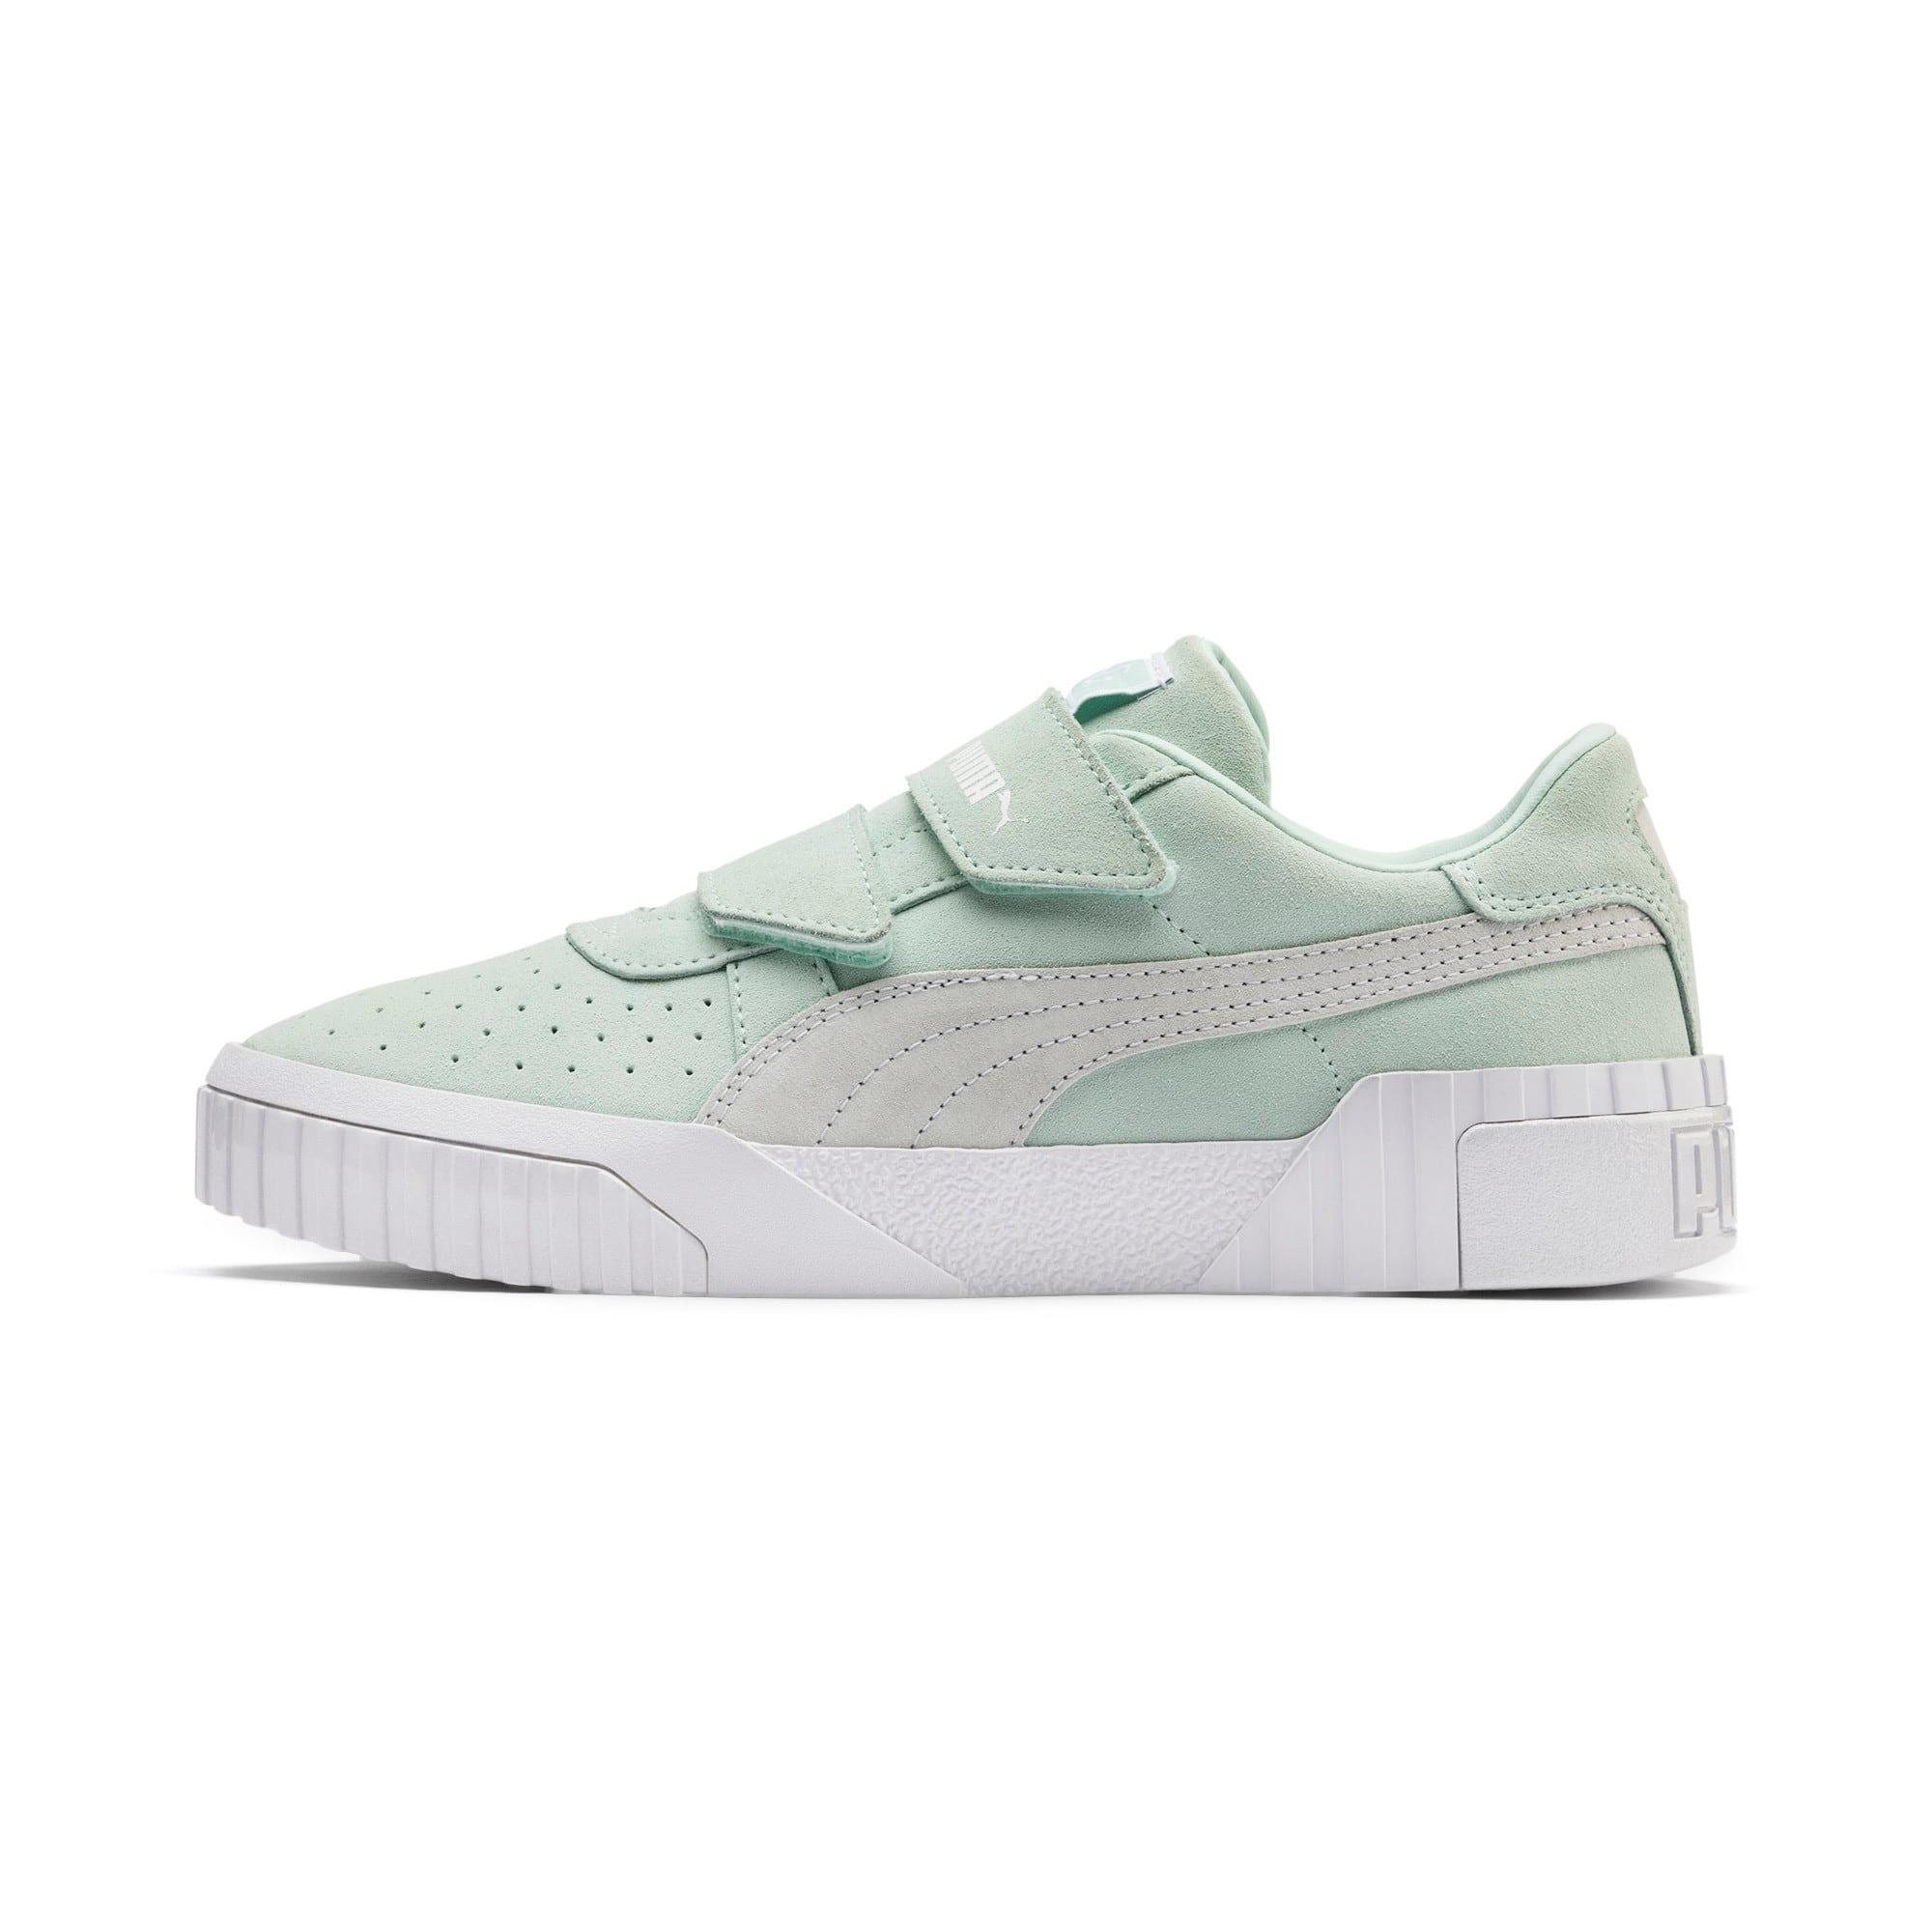 Thumbnail 1 of SG x Cali Suede Women's Sneakers, Fair Aqua-Puma White, medium